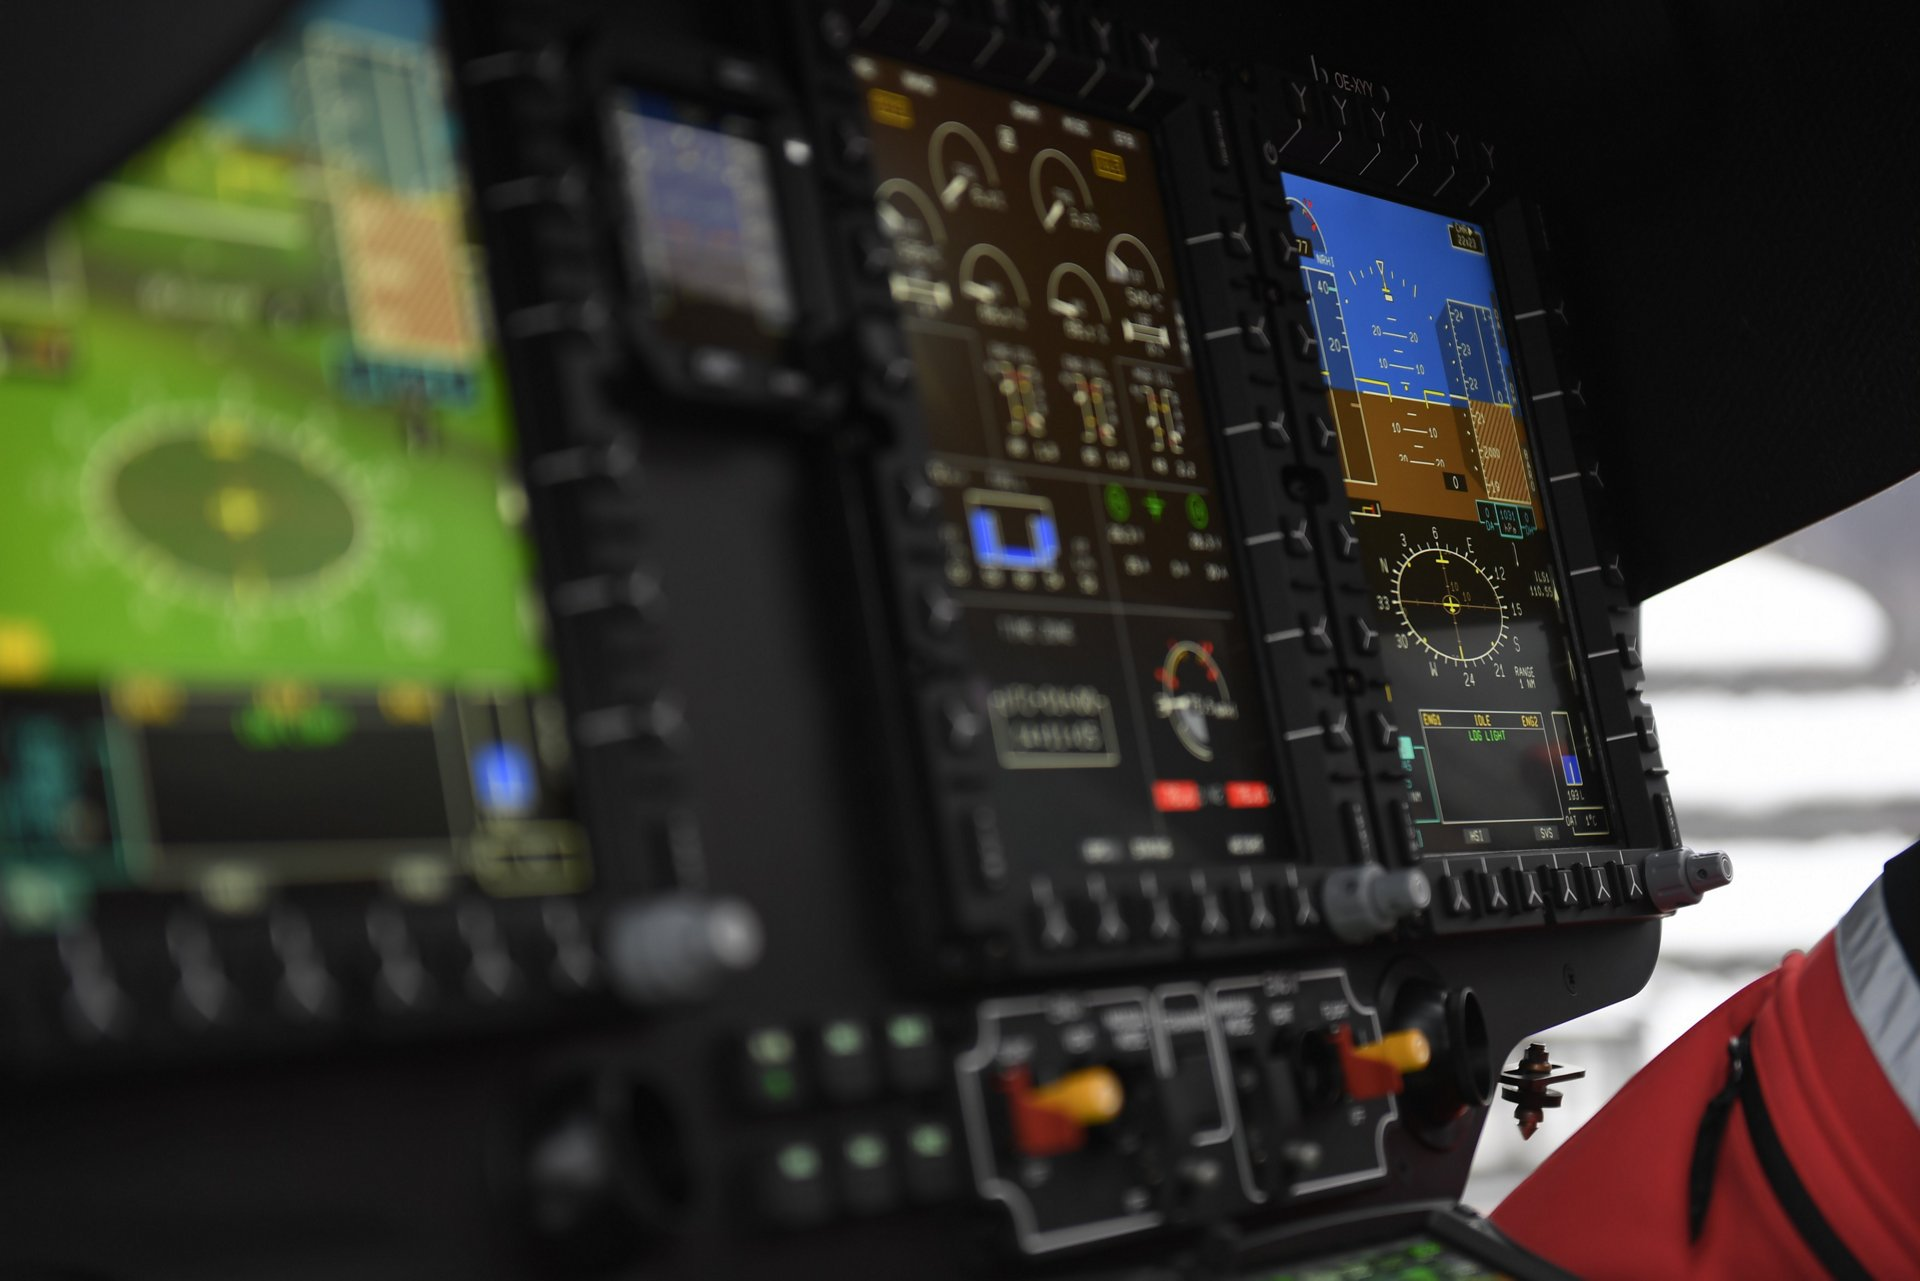 Specific Avionics